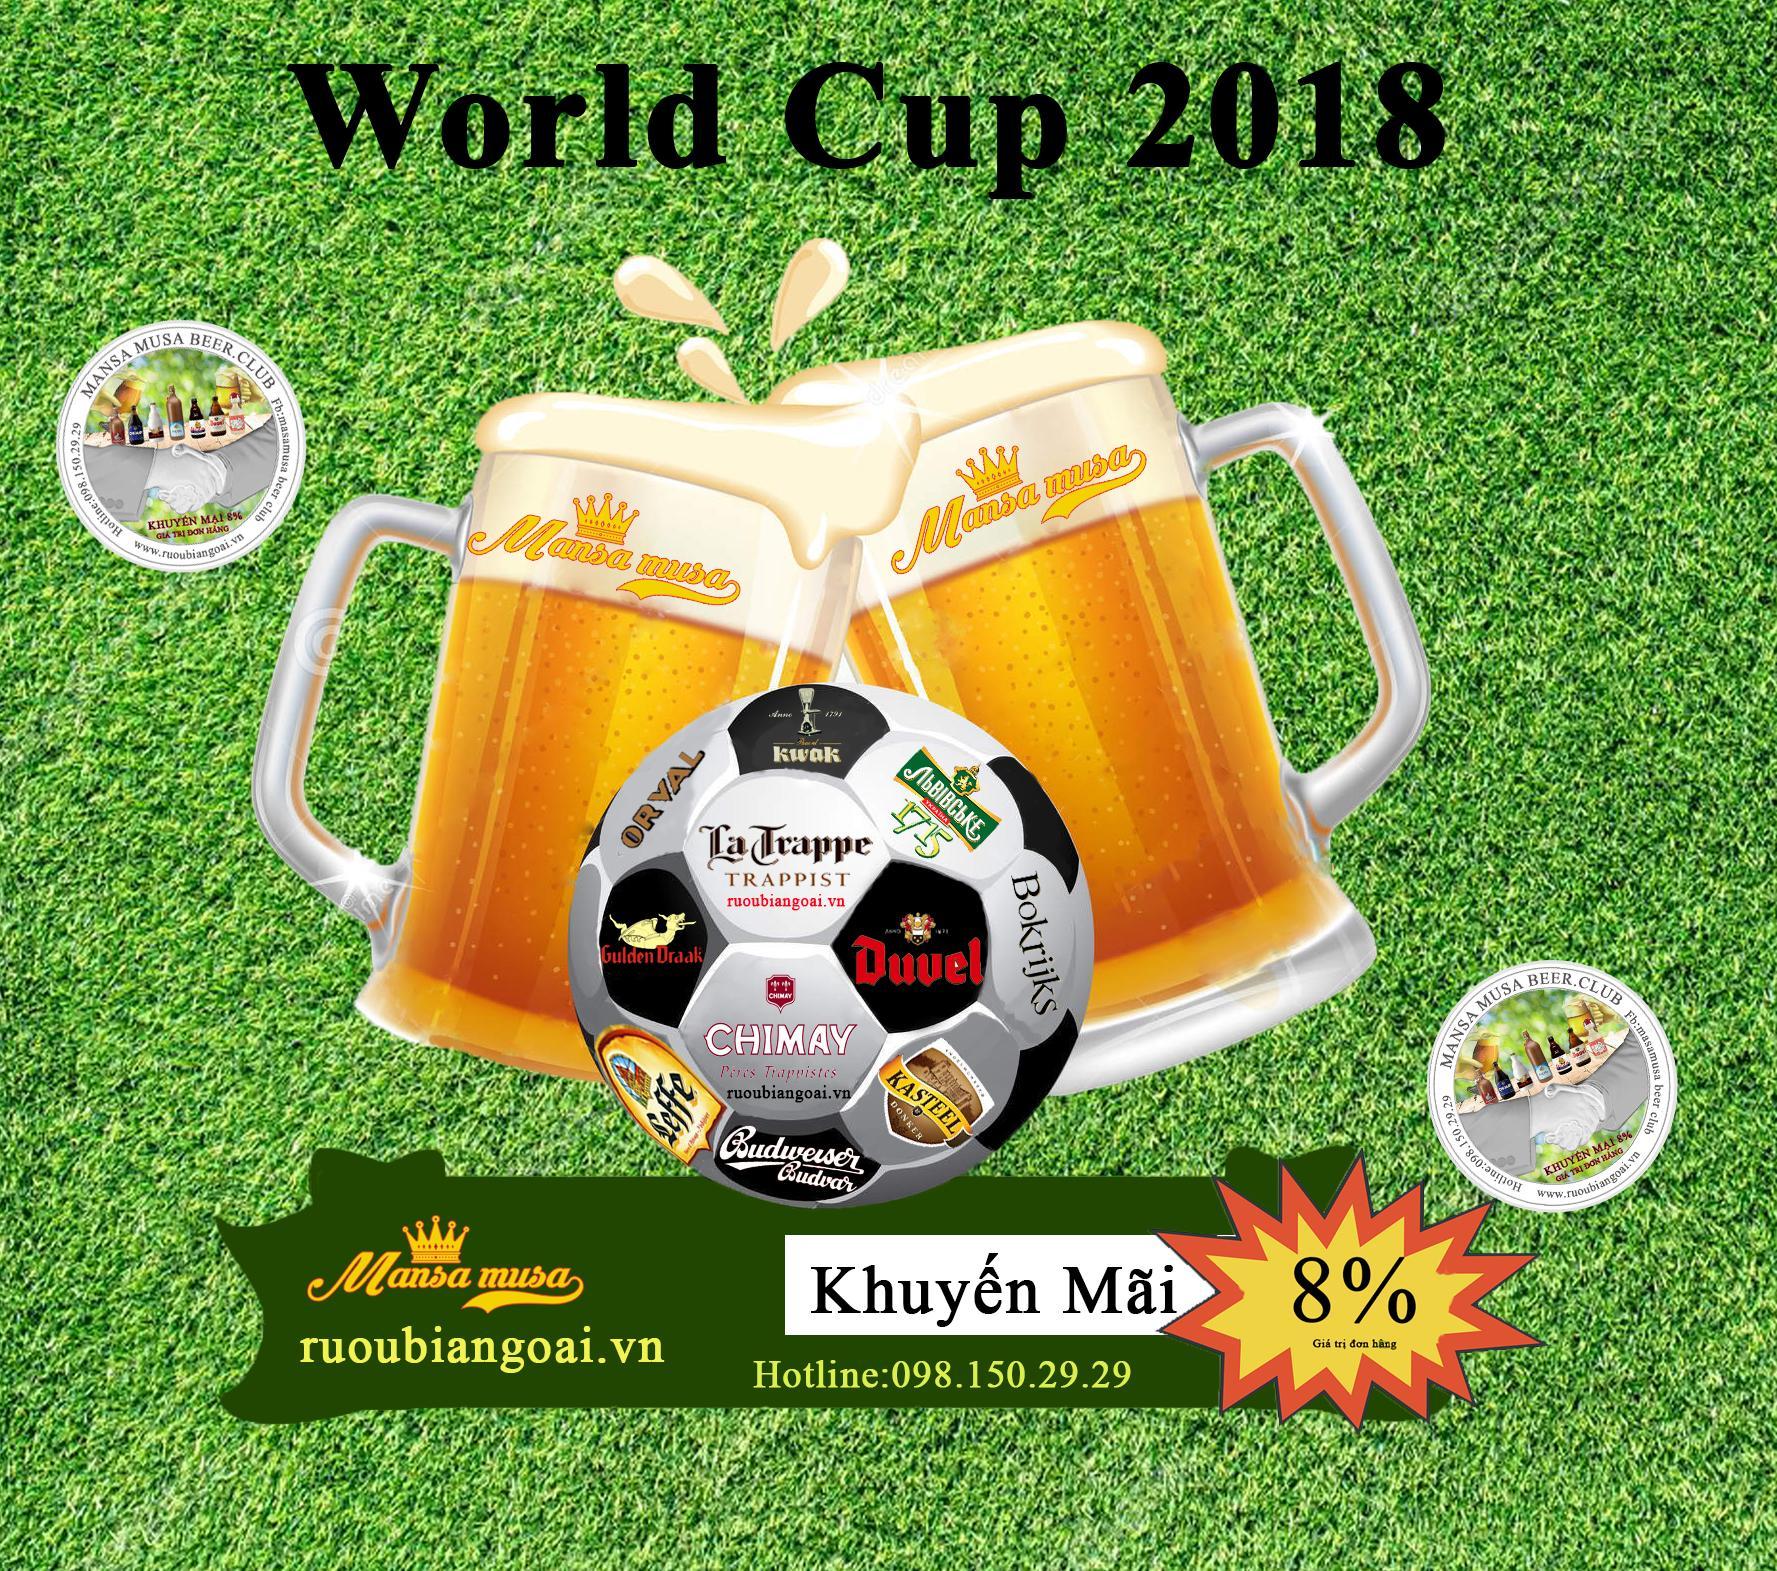 """World Cup 2018 uống bia gì cho """"chất""""?"""